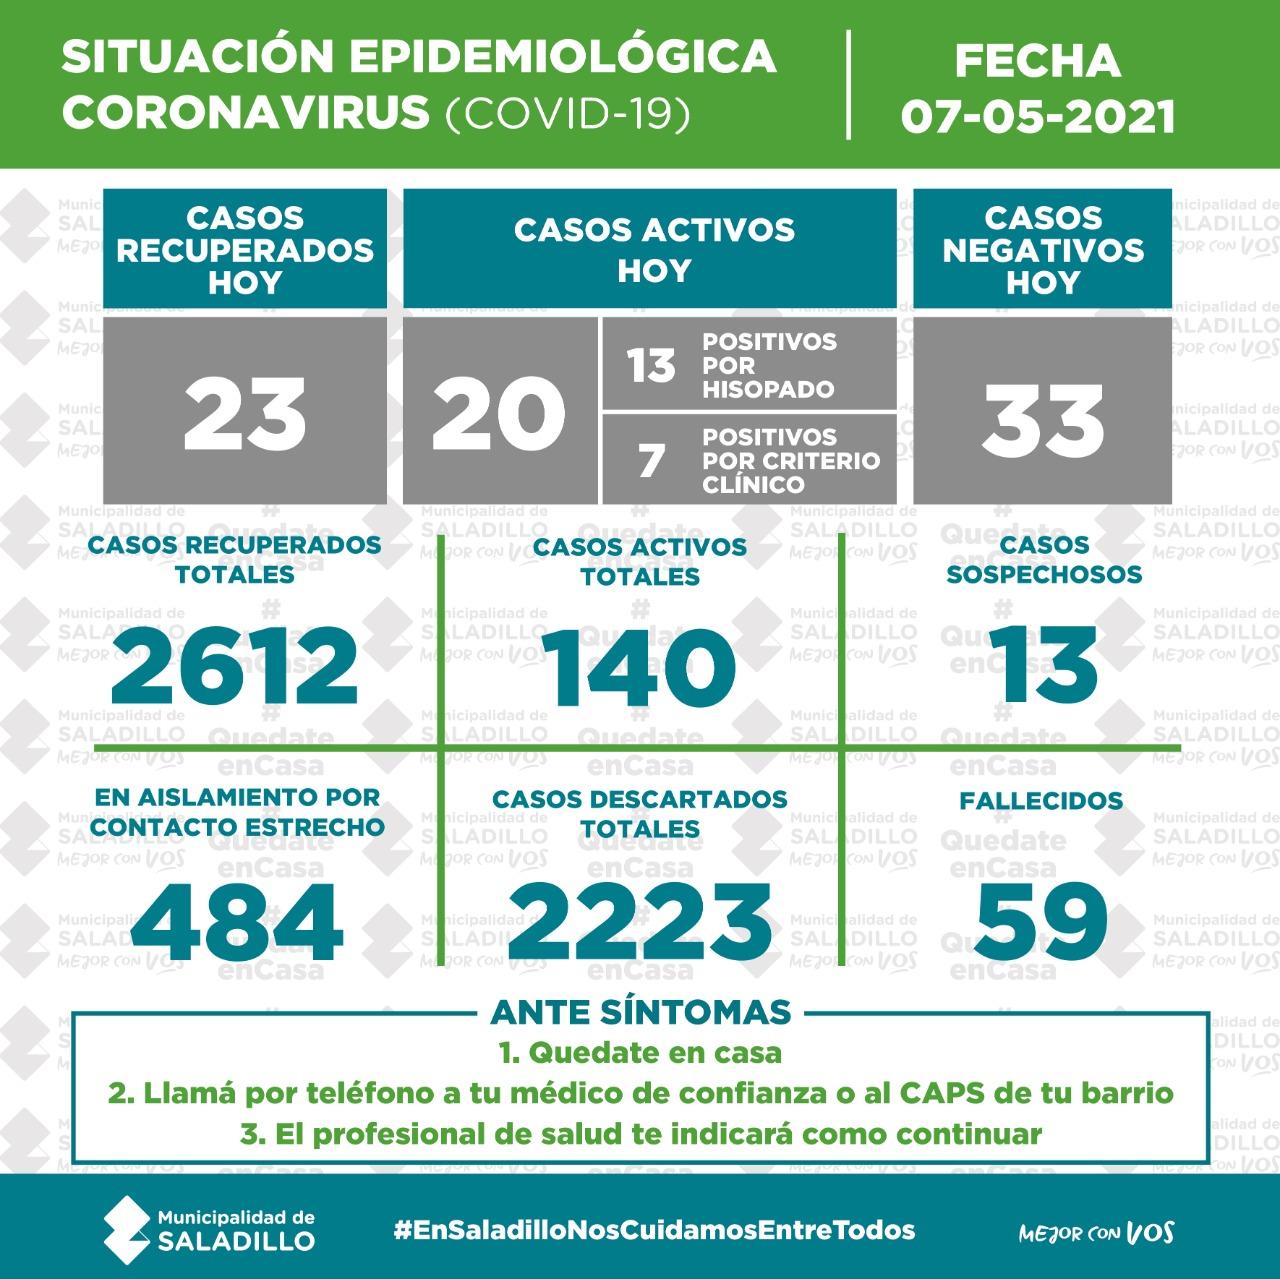 SITUACIÓN EPIDEMIOLÓGICA EN SALADILLO AL 07/05/2021